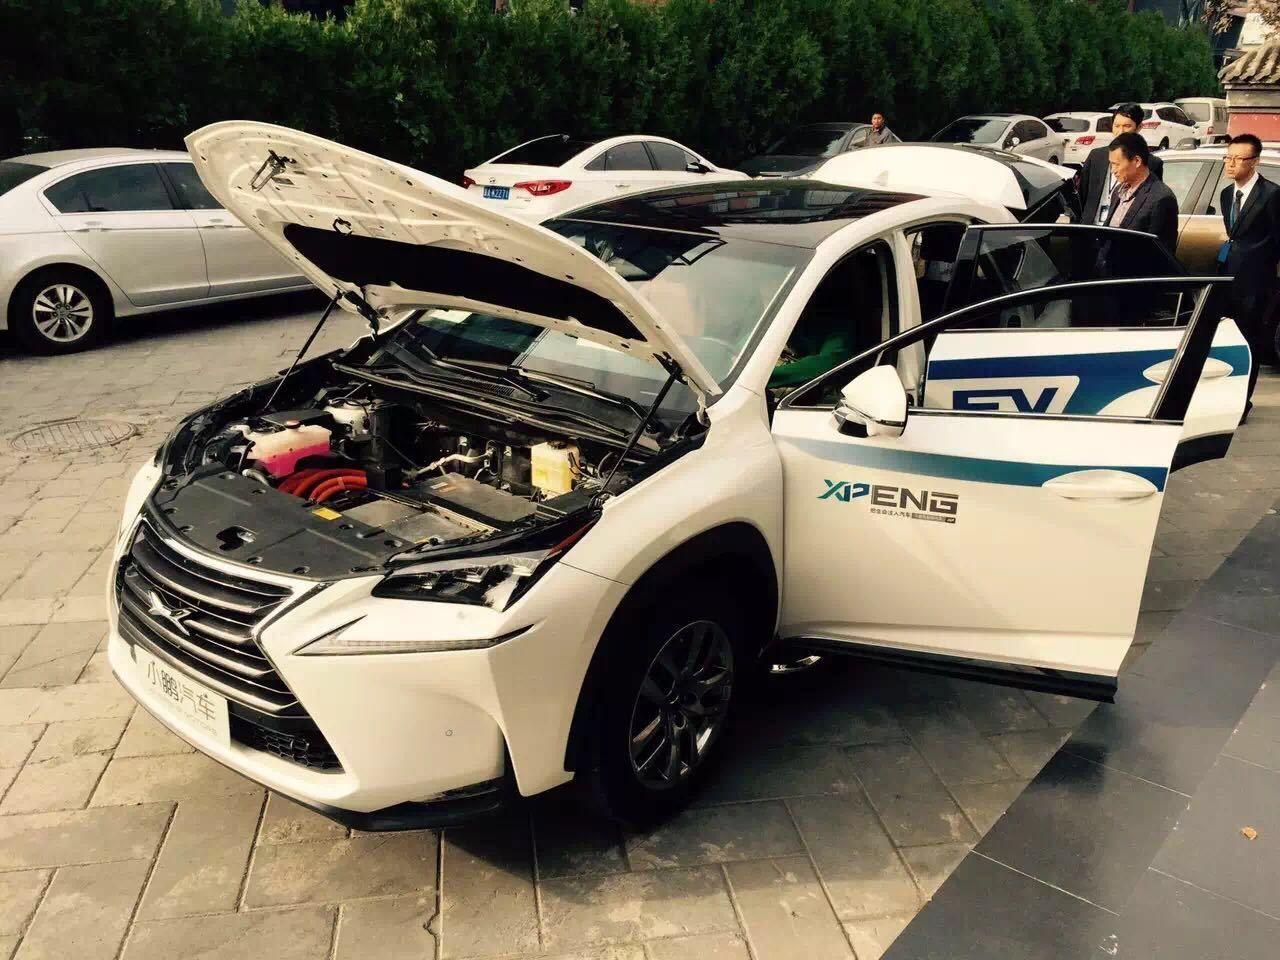 聚焦新能源汽车与智能化 两会划定发展轨道